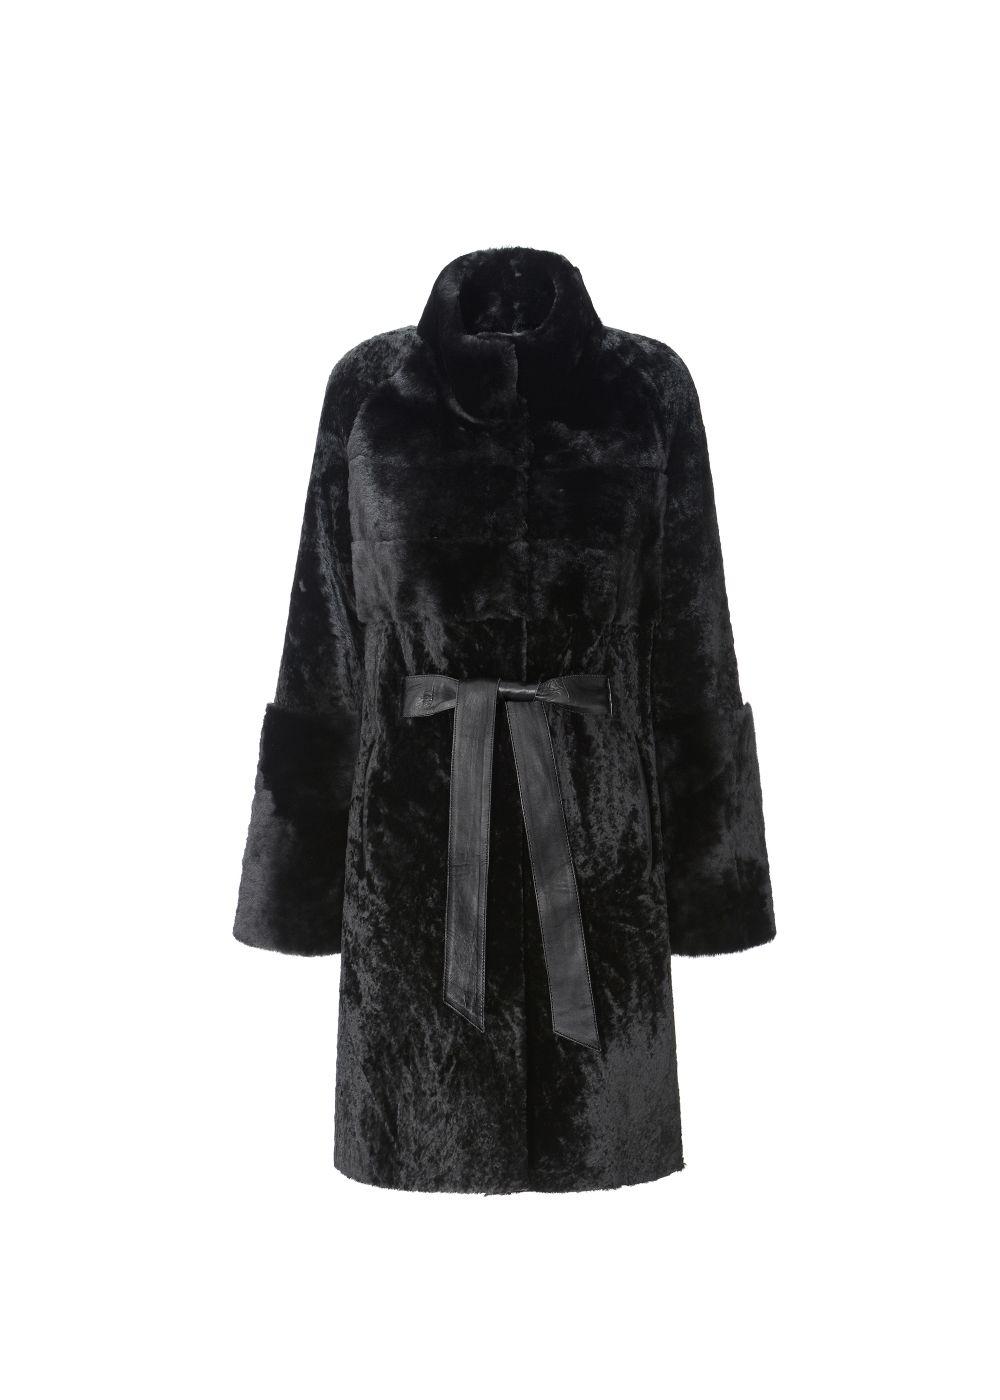 Czarny kożuch damski zapinany na napy KOZDS-0035-5402(Z19)